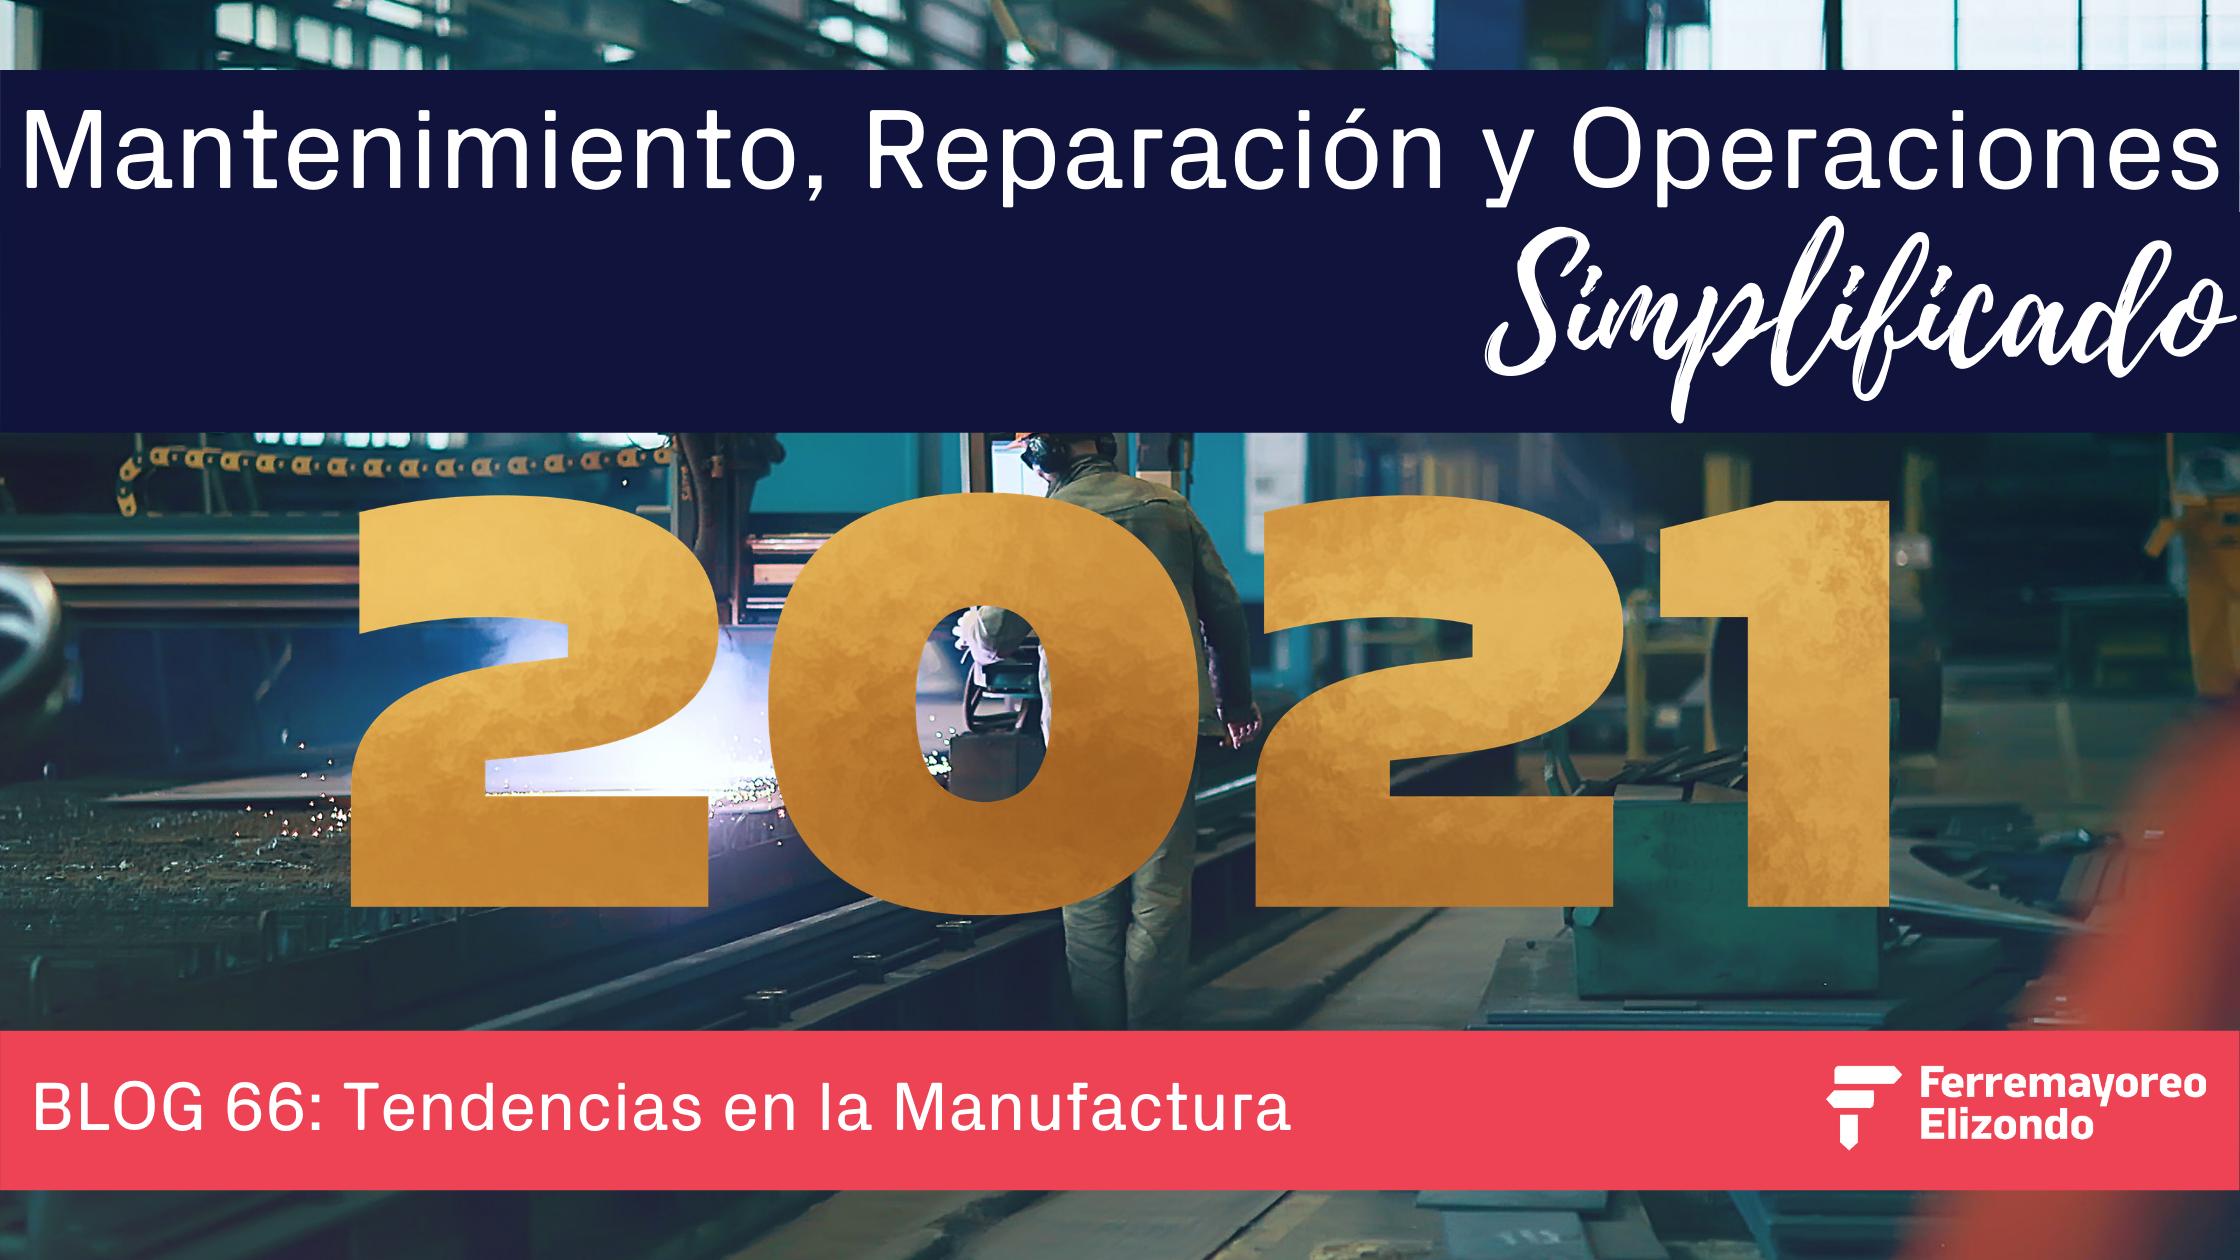 MRO Simplificado: Tendencias en Manufactura para el 2021